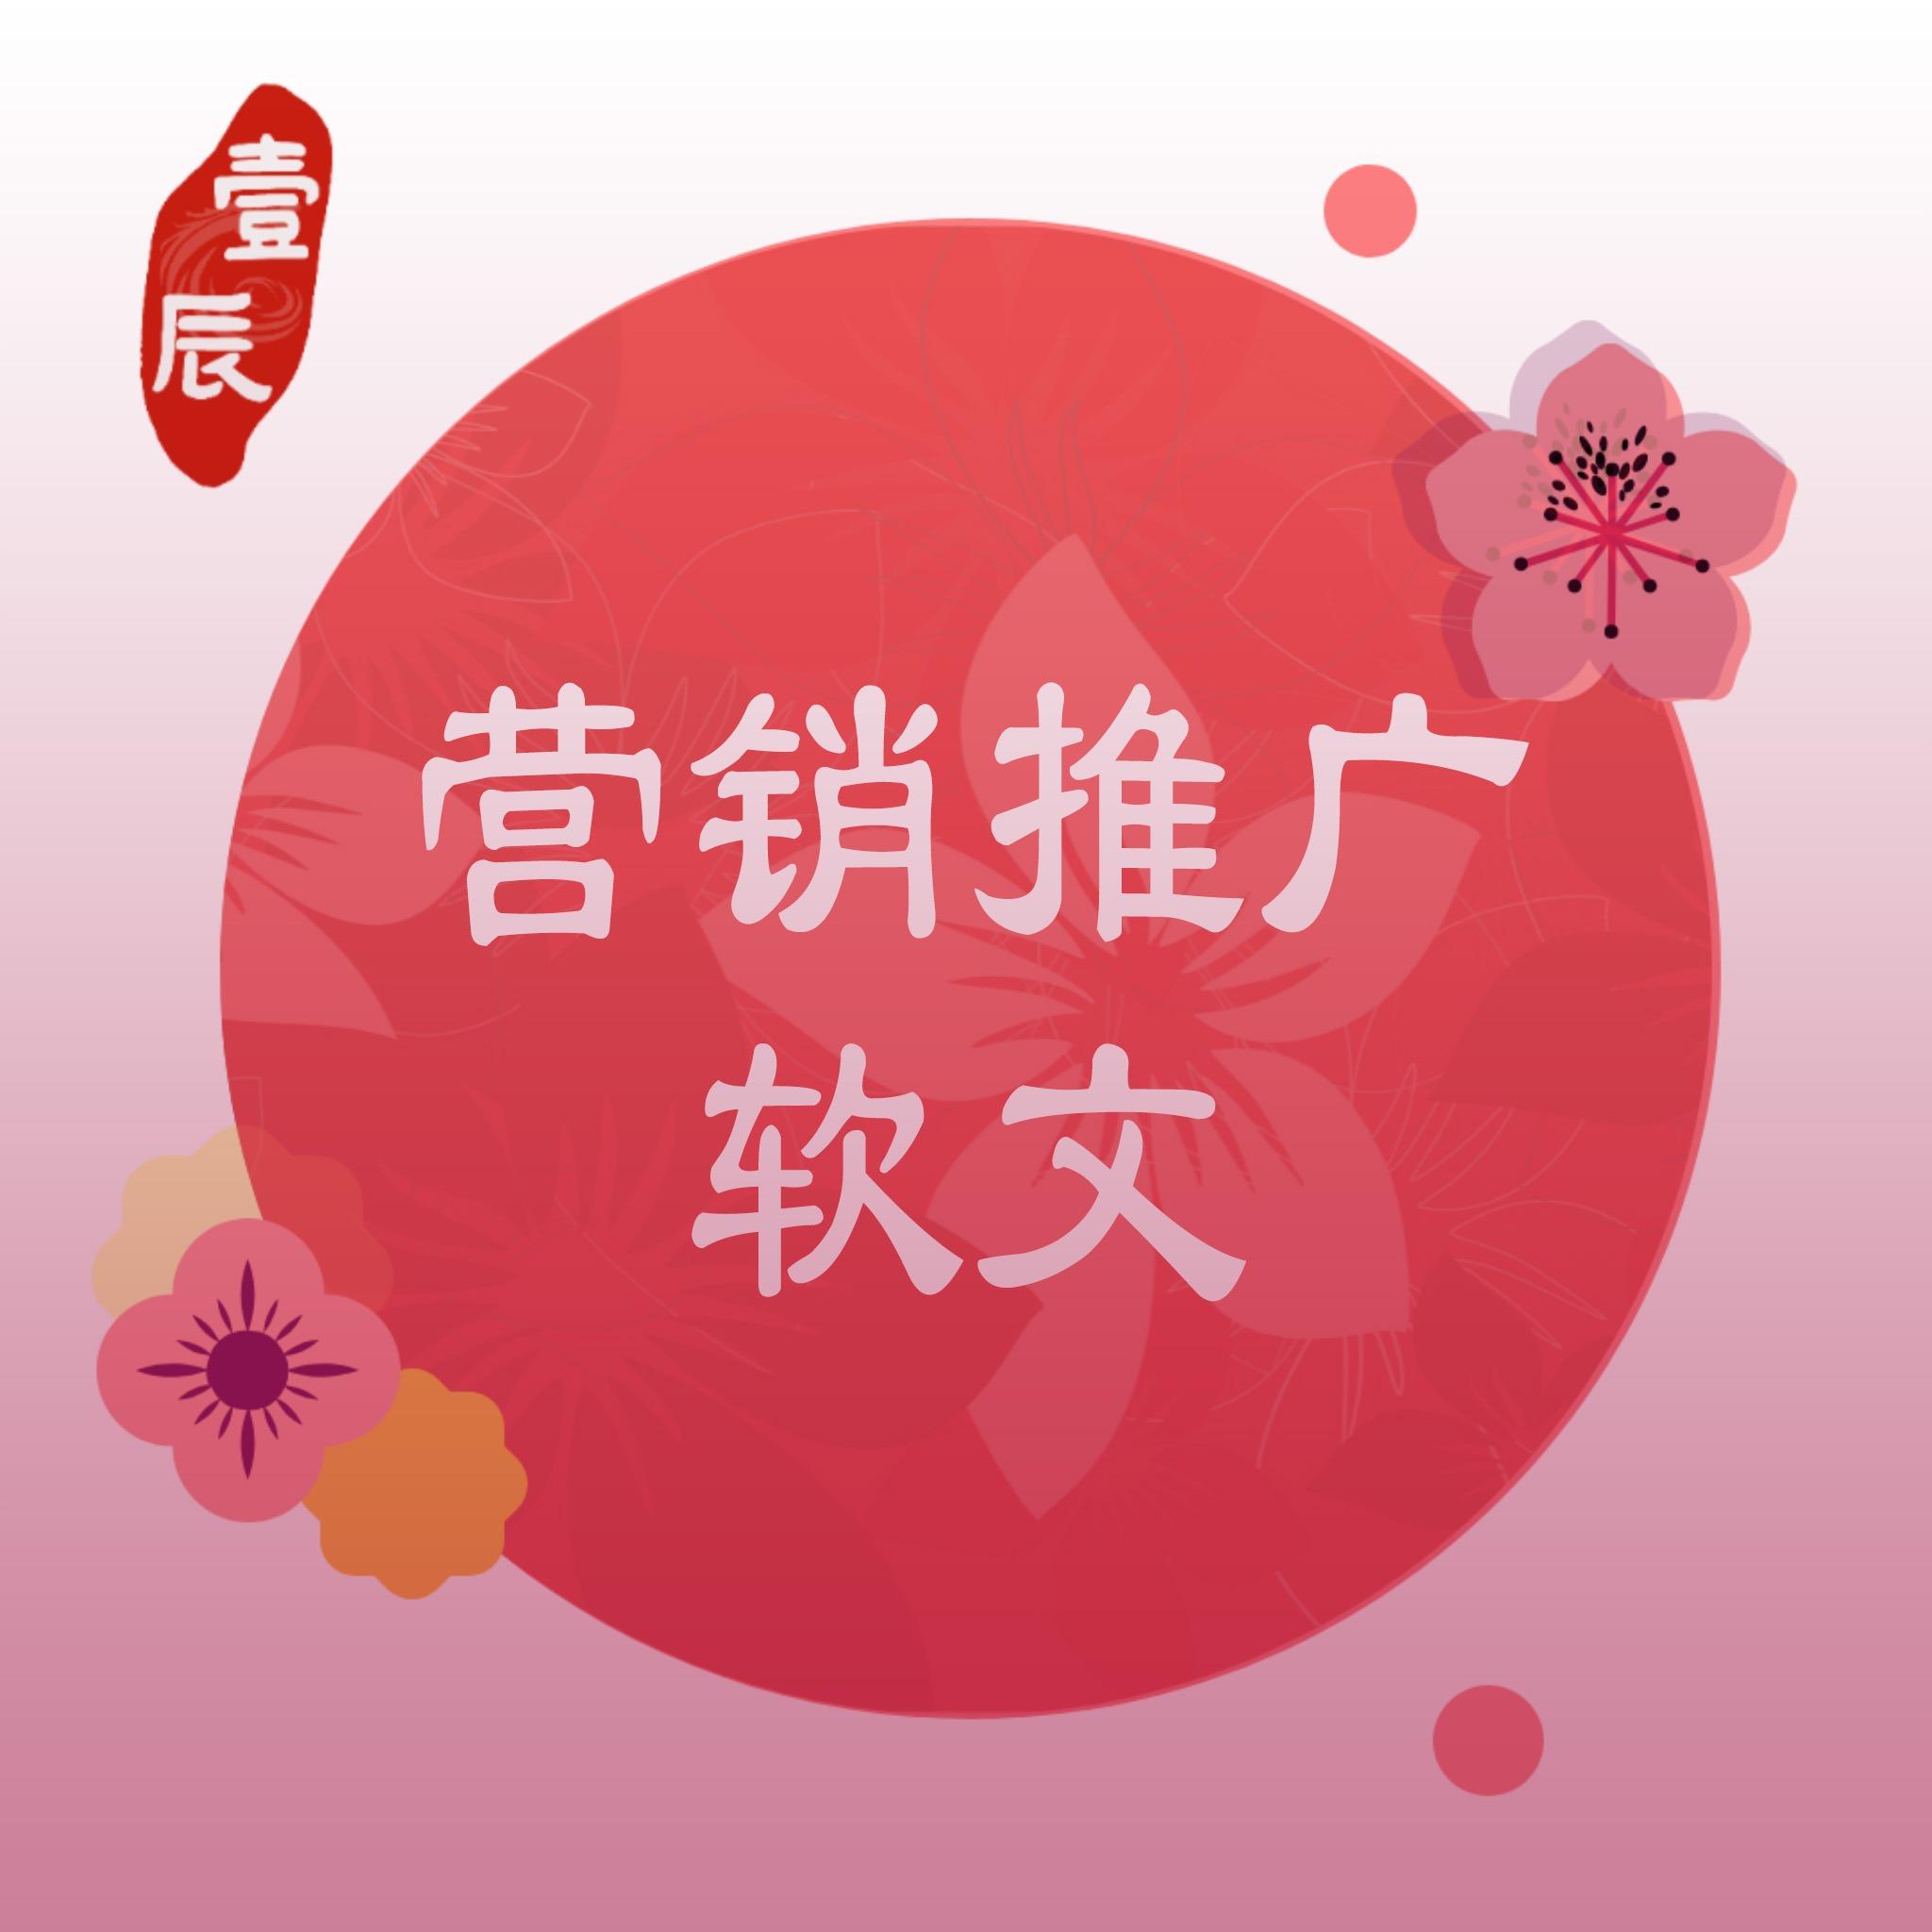 营销推广专业文案代笔润色seo关键词软文朋友圈广告段子宣传语